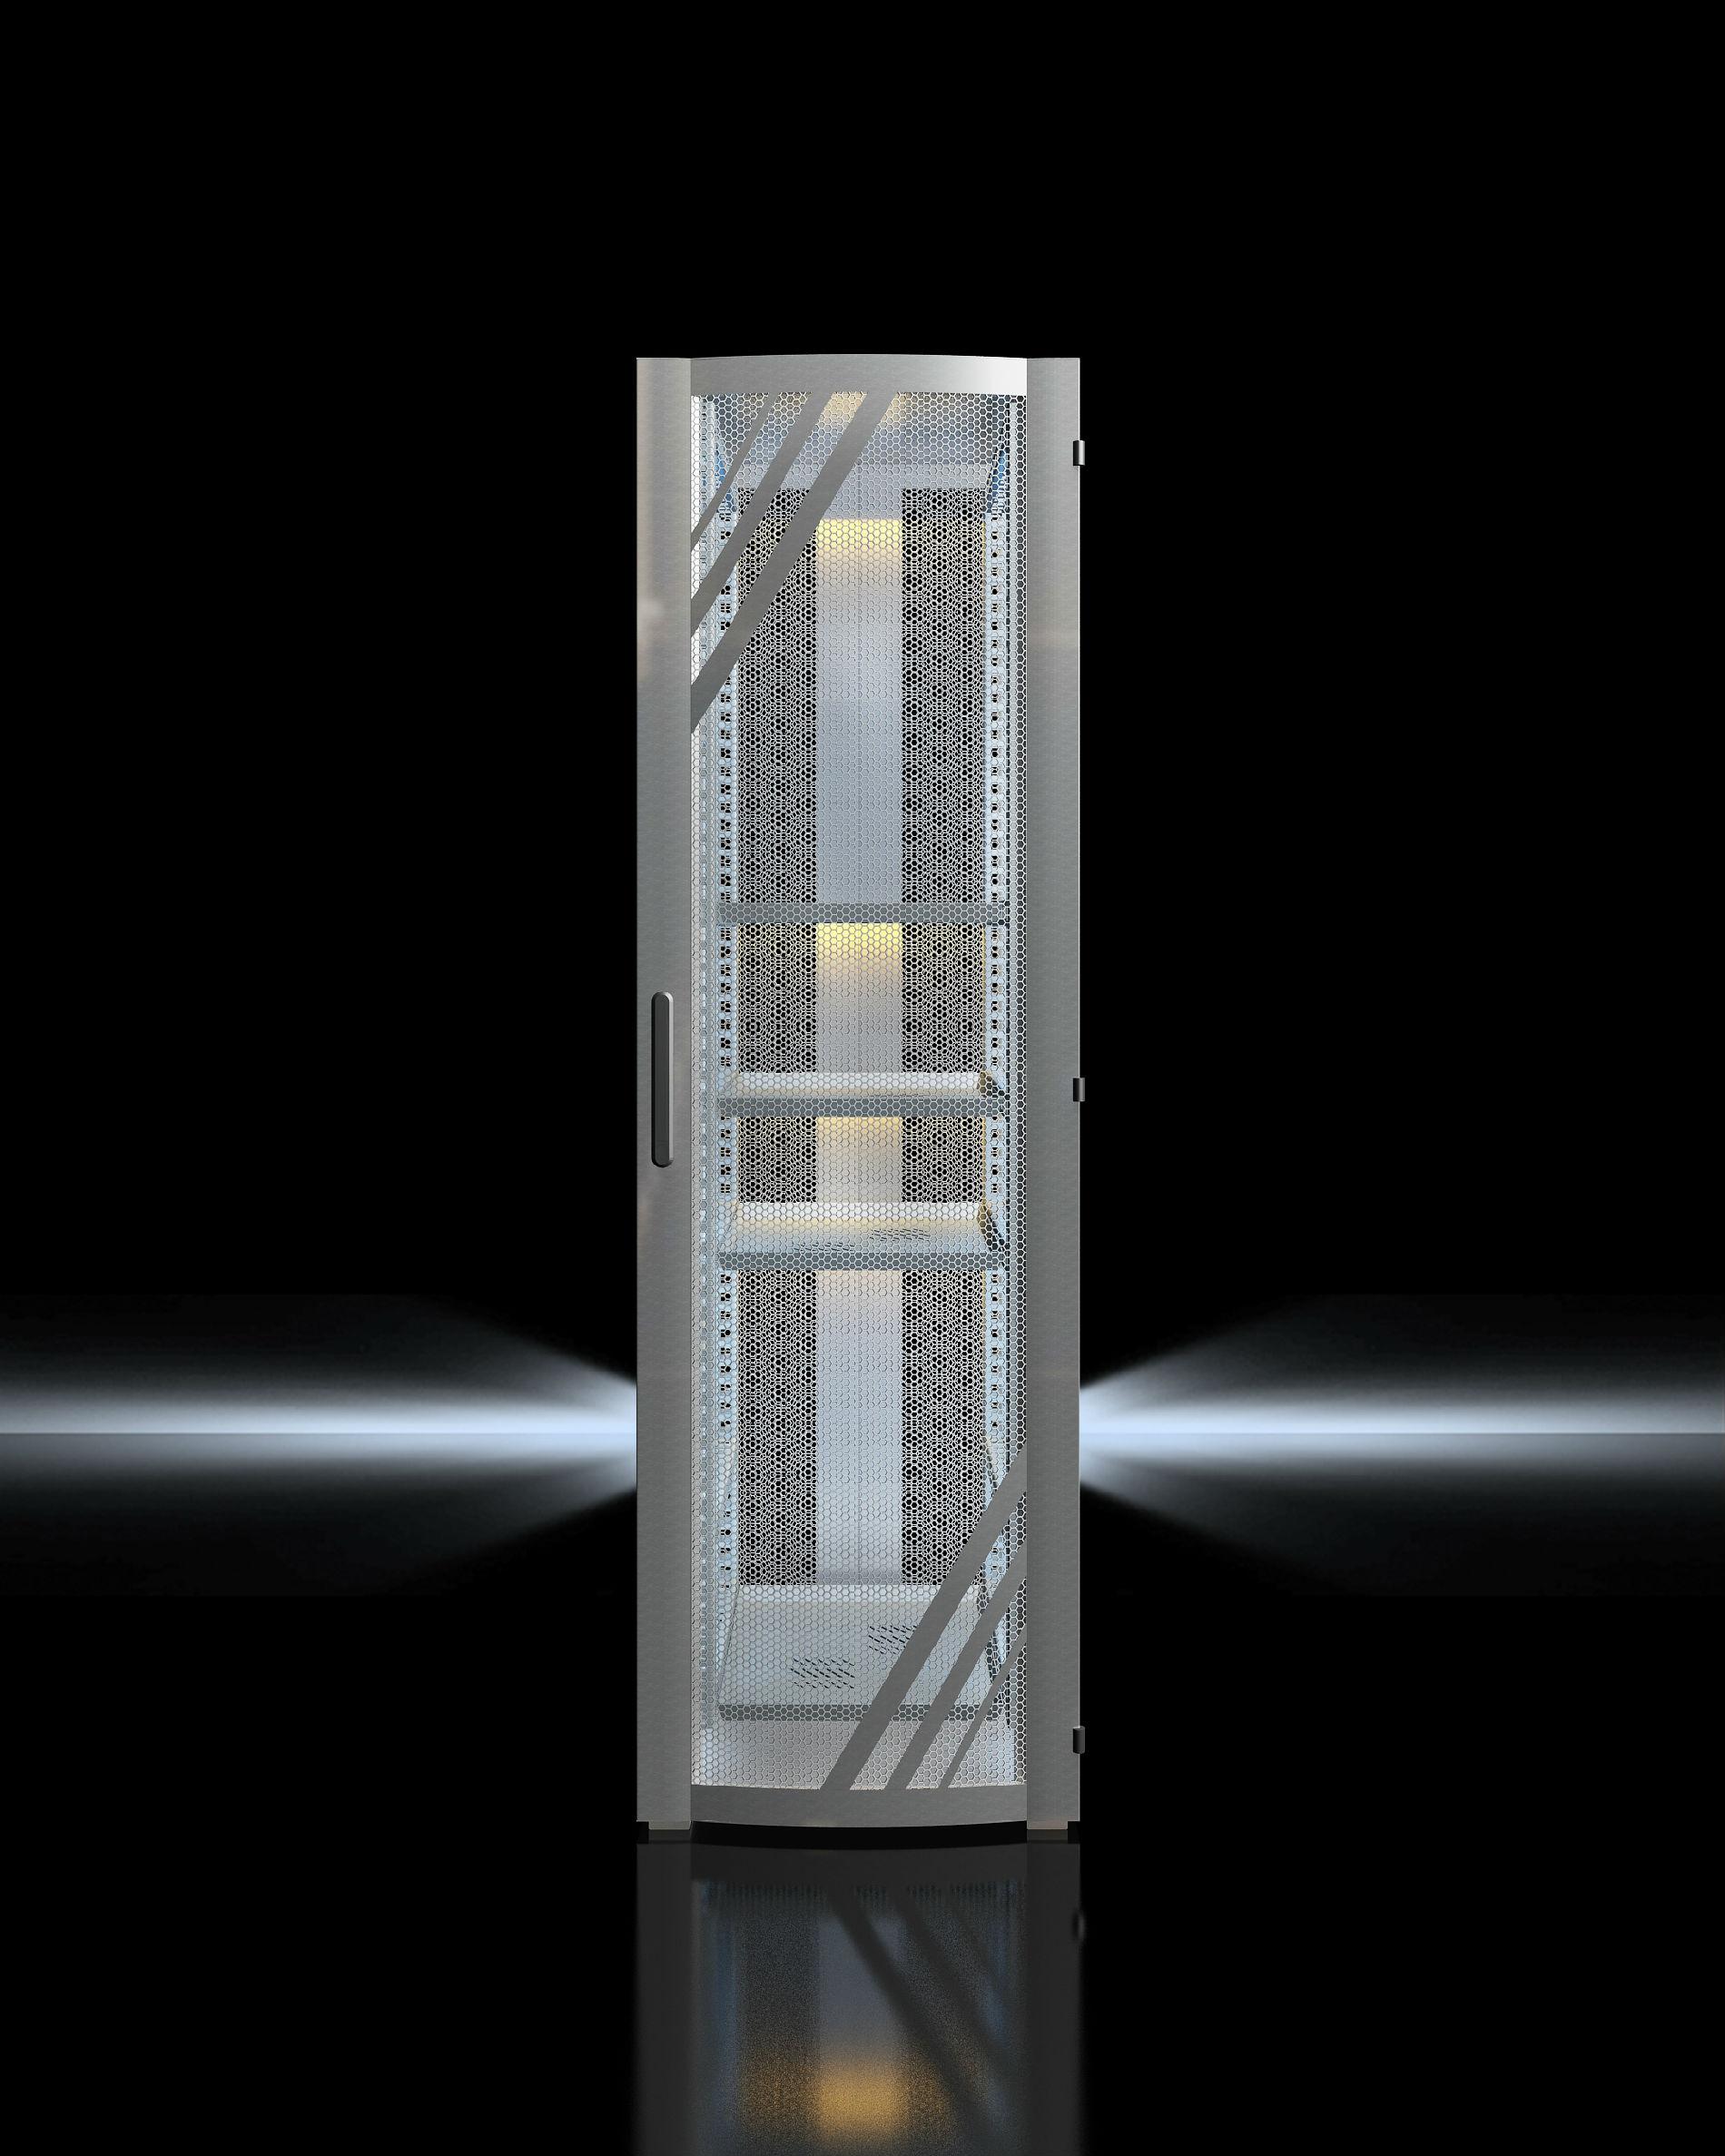 机柜列头柜配电柜操作台电视墙模块化数据中心PDU电源